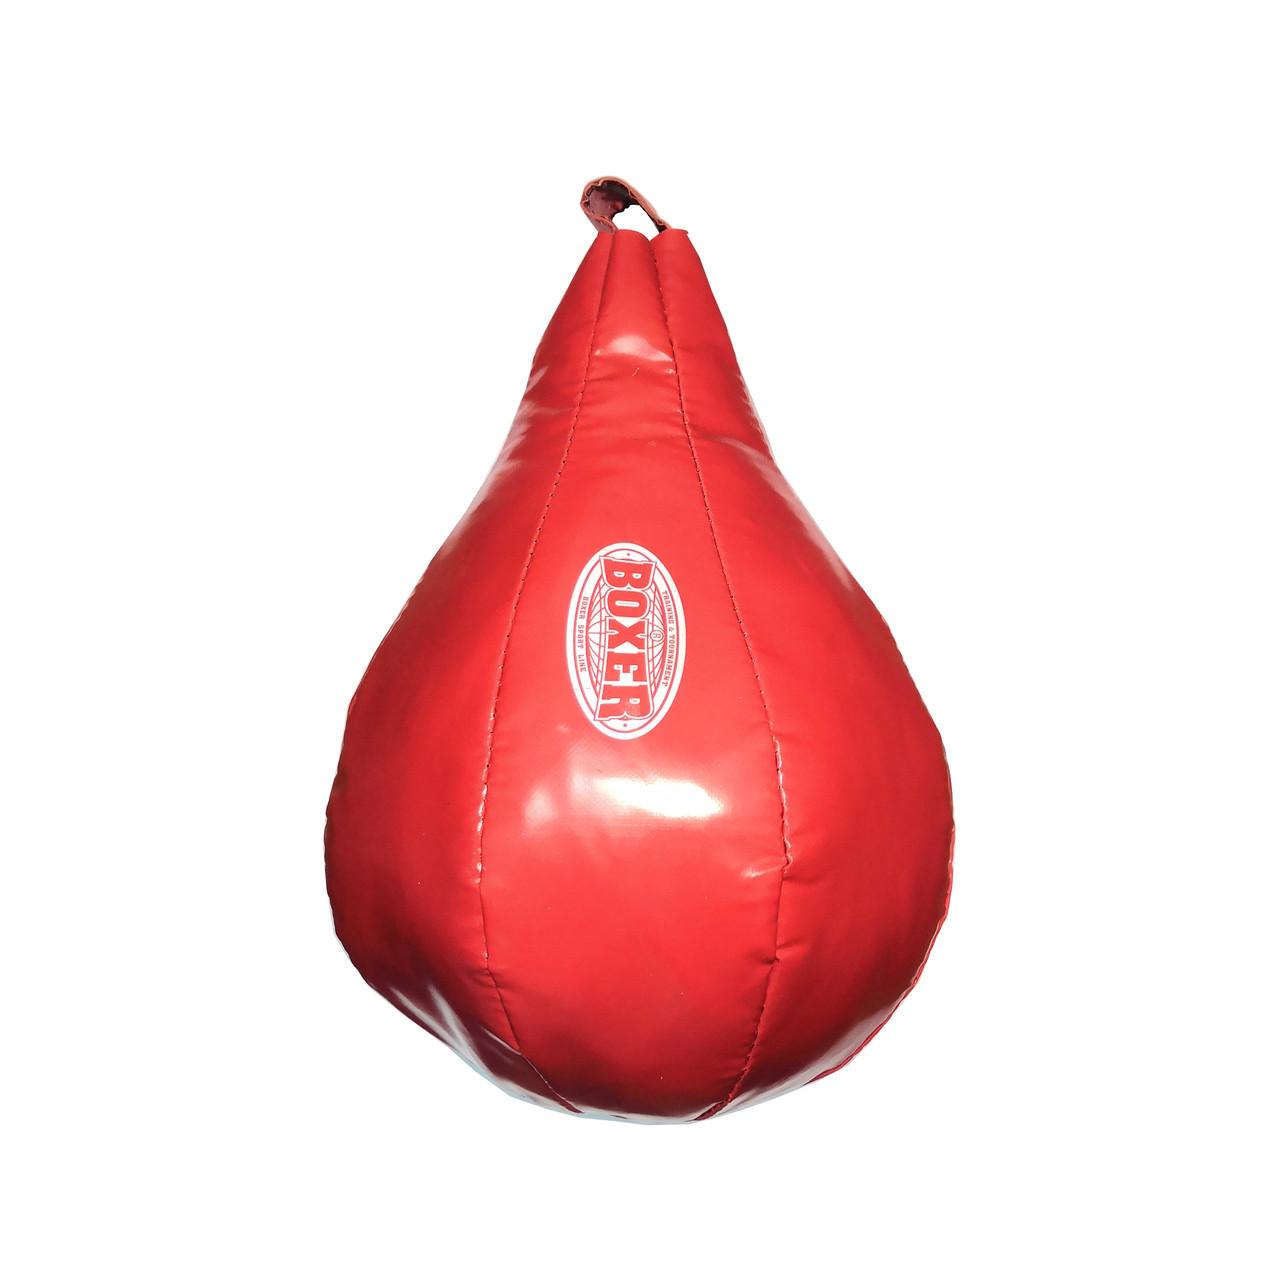 Груша набивная каплевидная подвесная BOXER  капля большая ПВХ красная